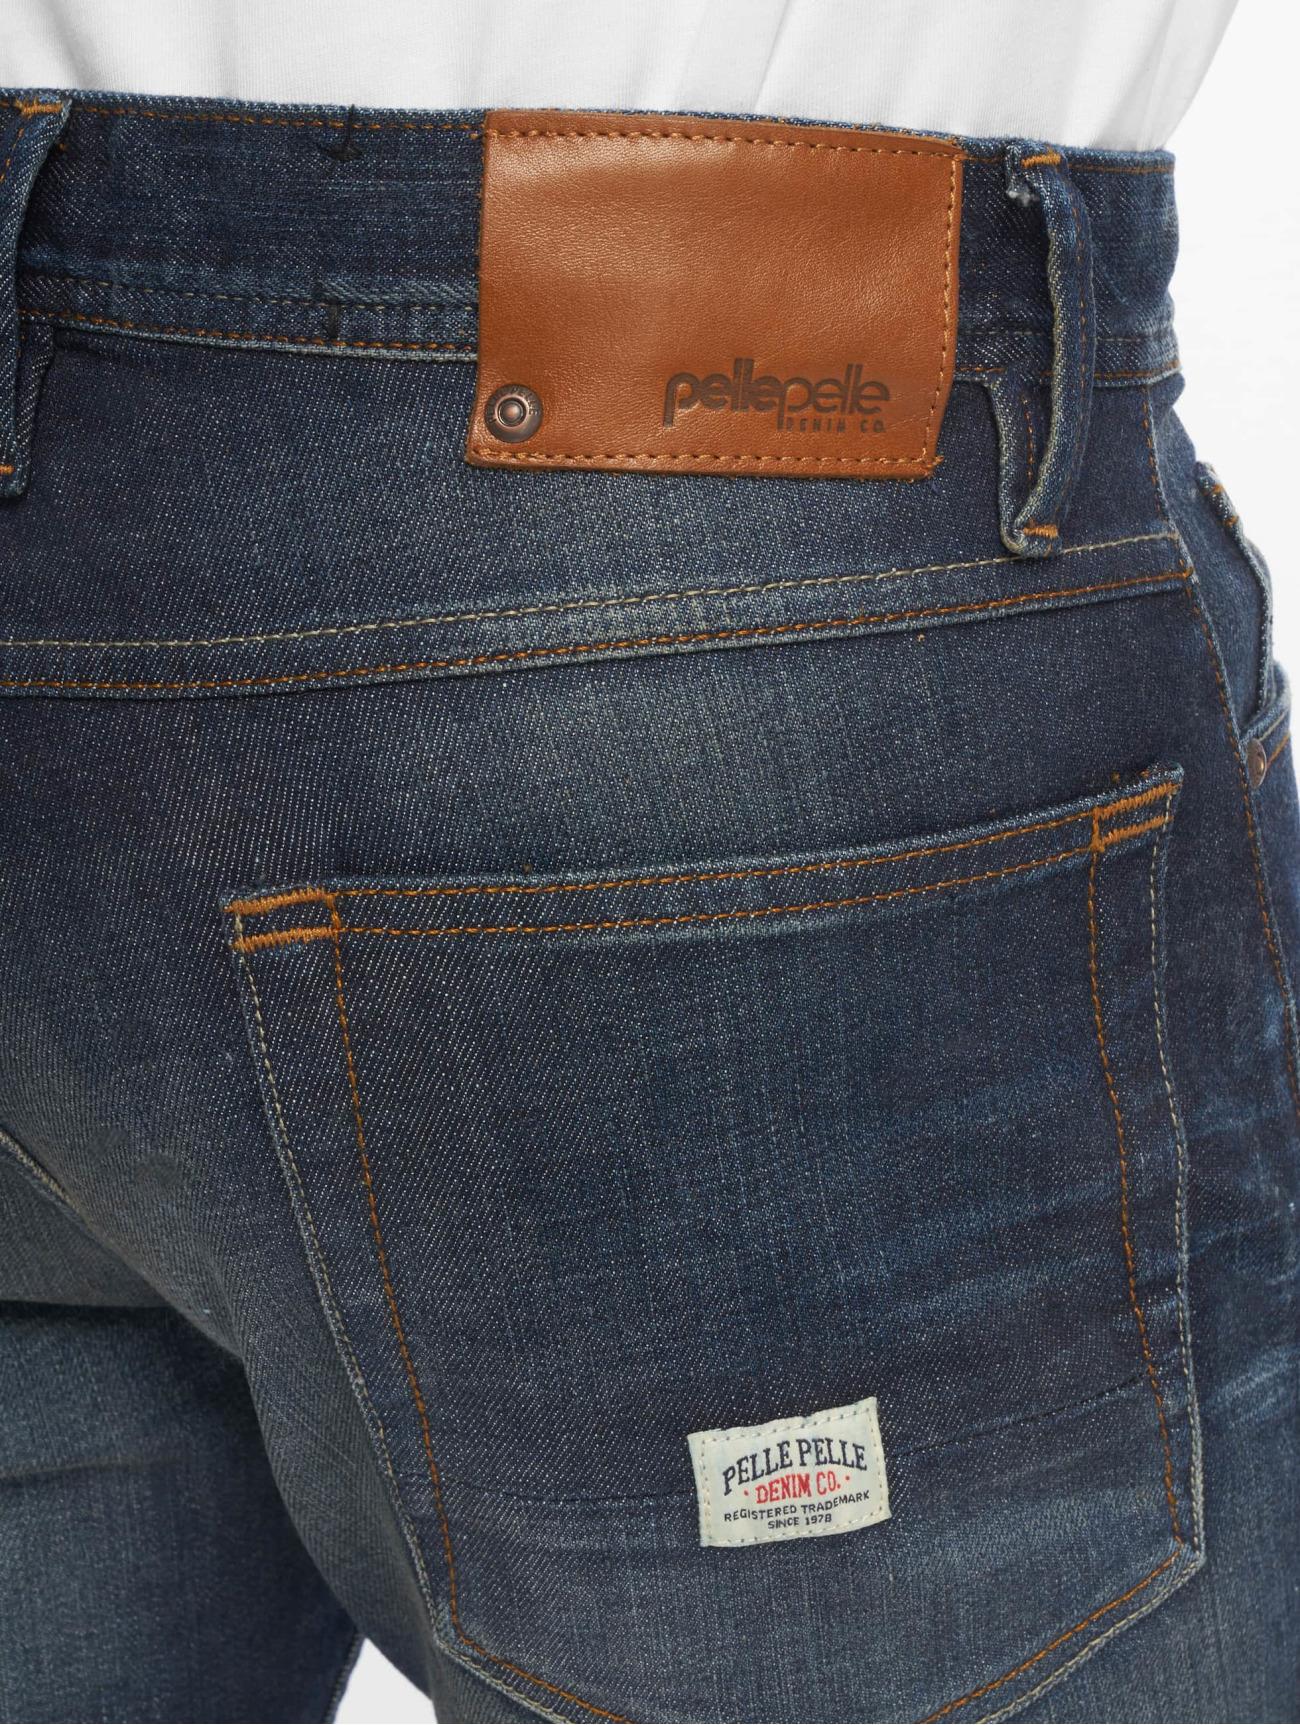 Pelle Pelle F.u. Floyd bleu Homme Jean coupe droite 645452 Homme Jeans